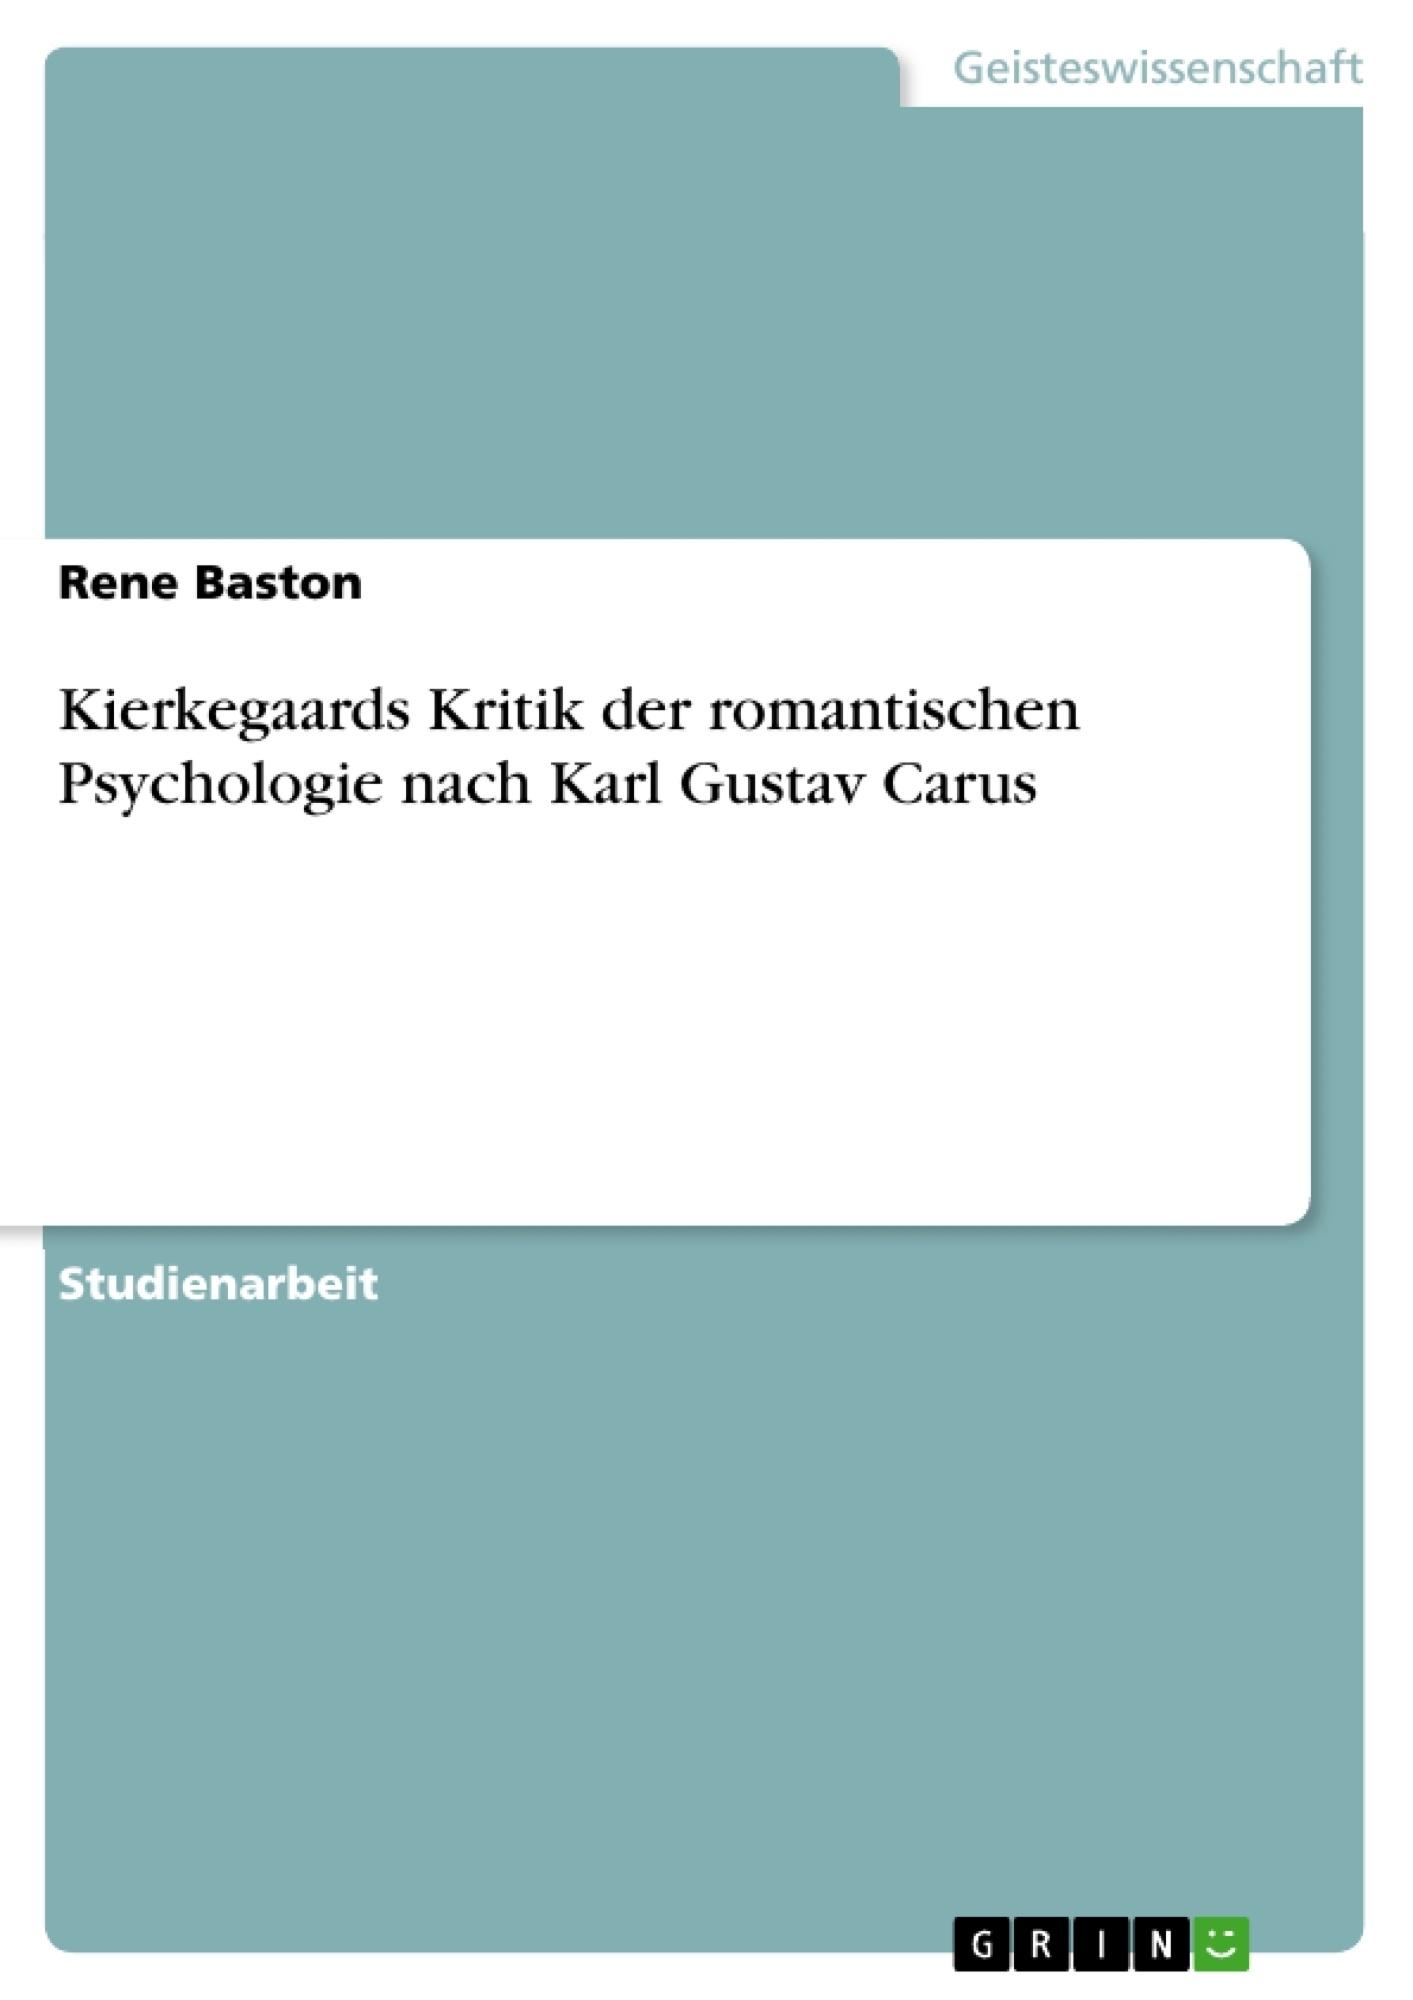 Titel: Kierkegaards Kritik der romantischen Psychologie nach Karl Gustav Carus